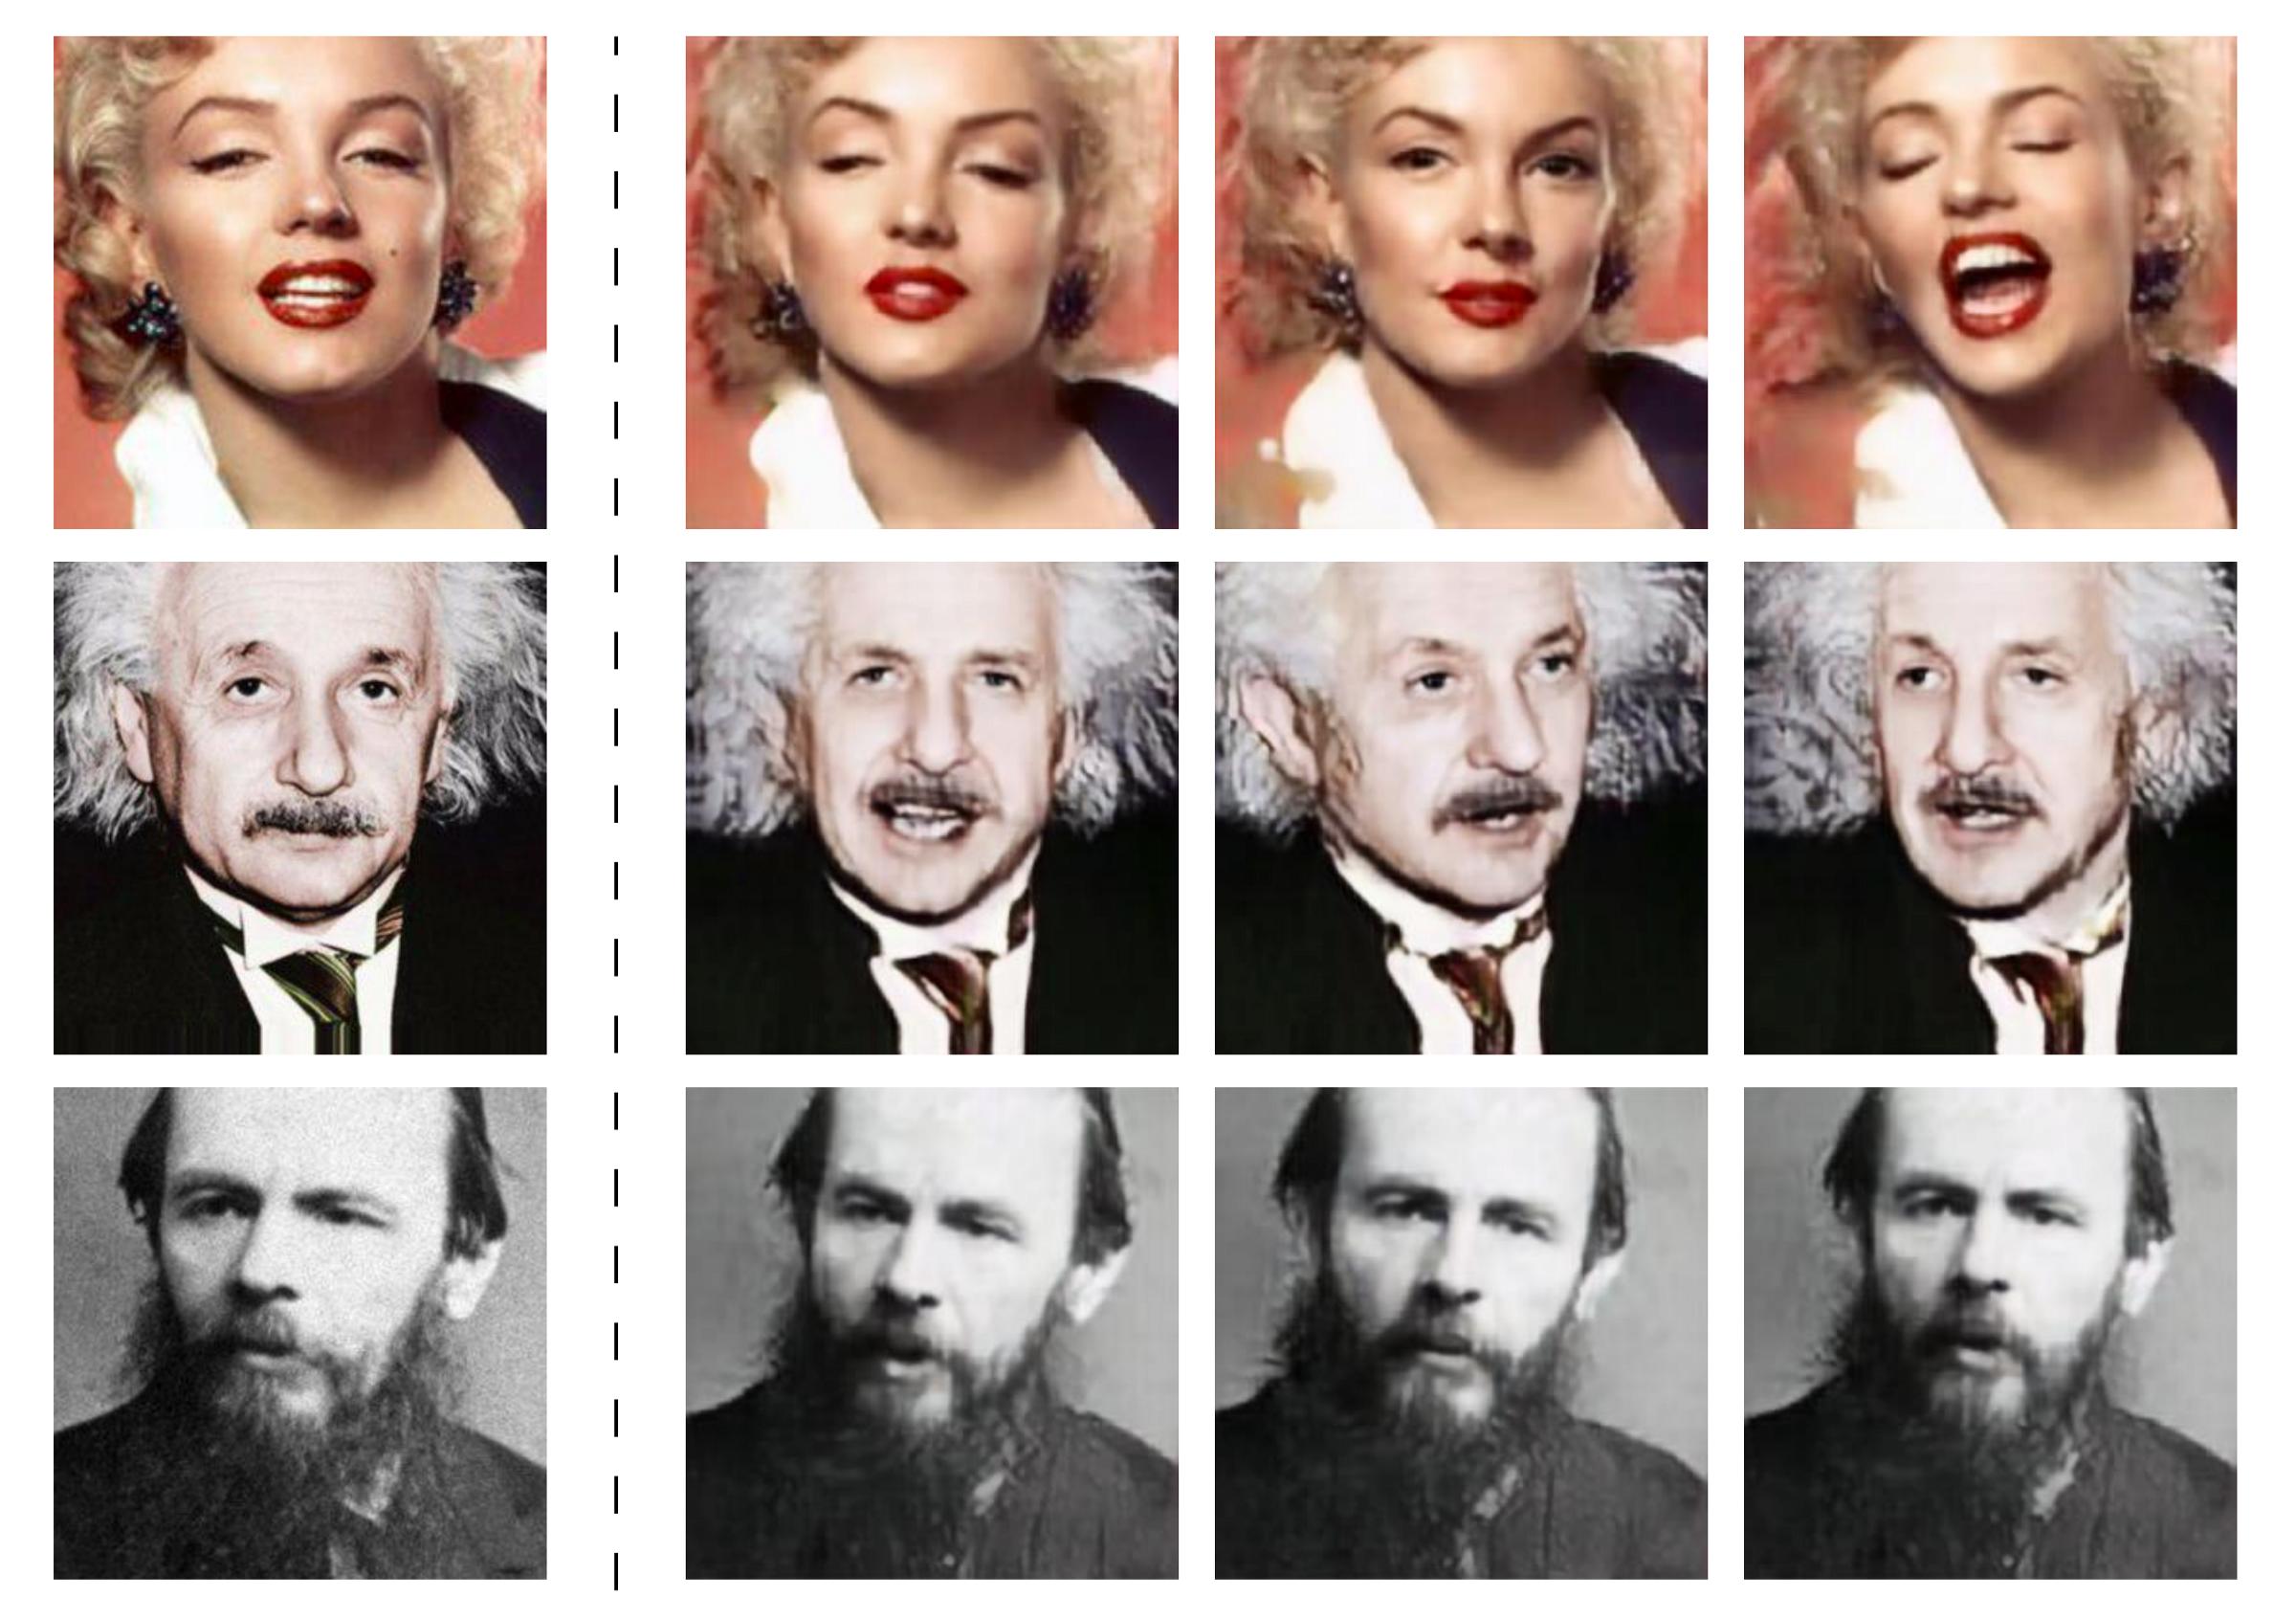 Deepfake —додаток, що дозволяє «оживити» картинку